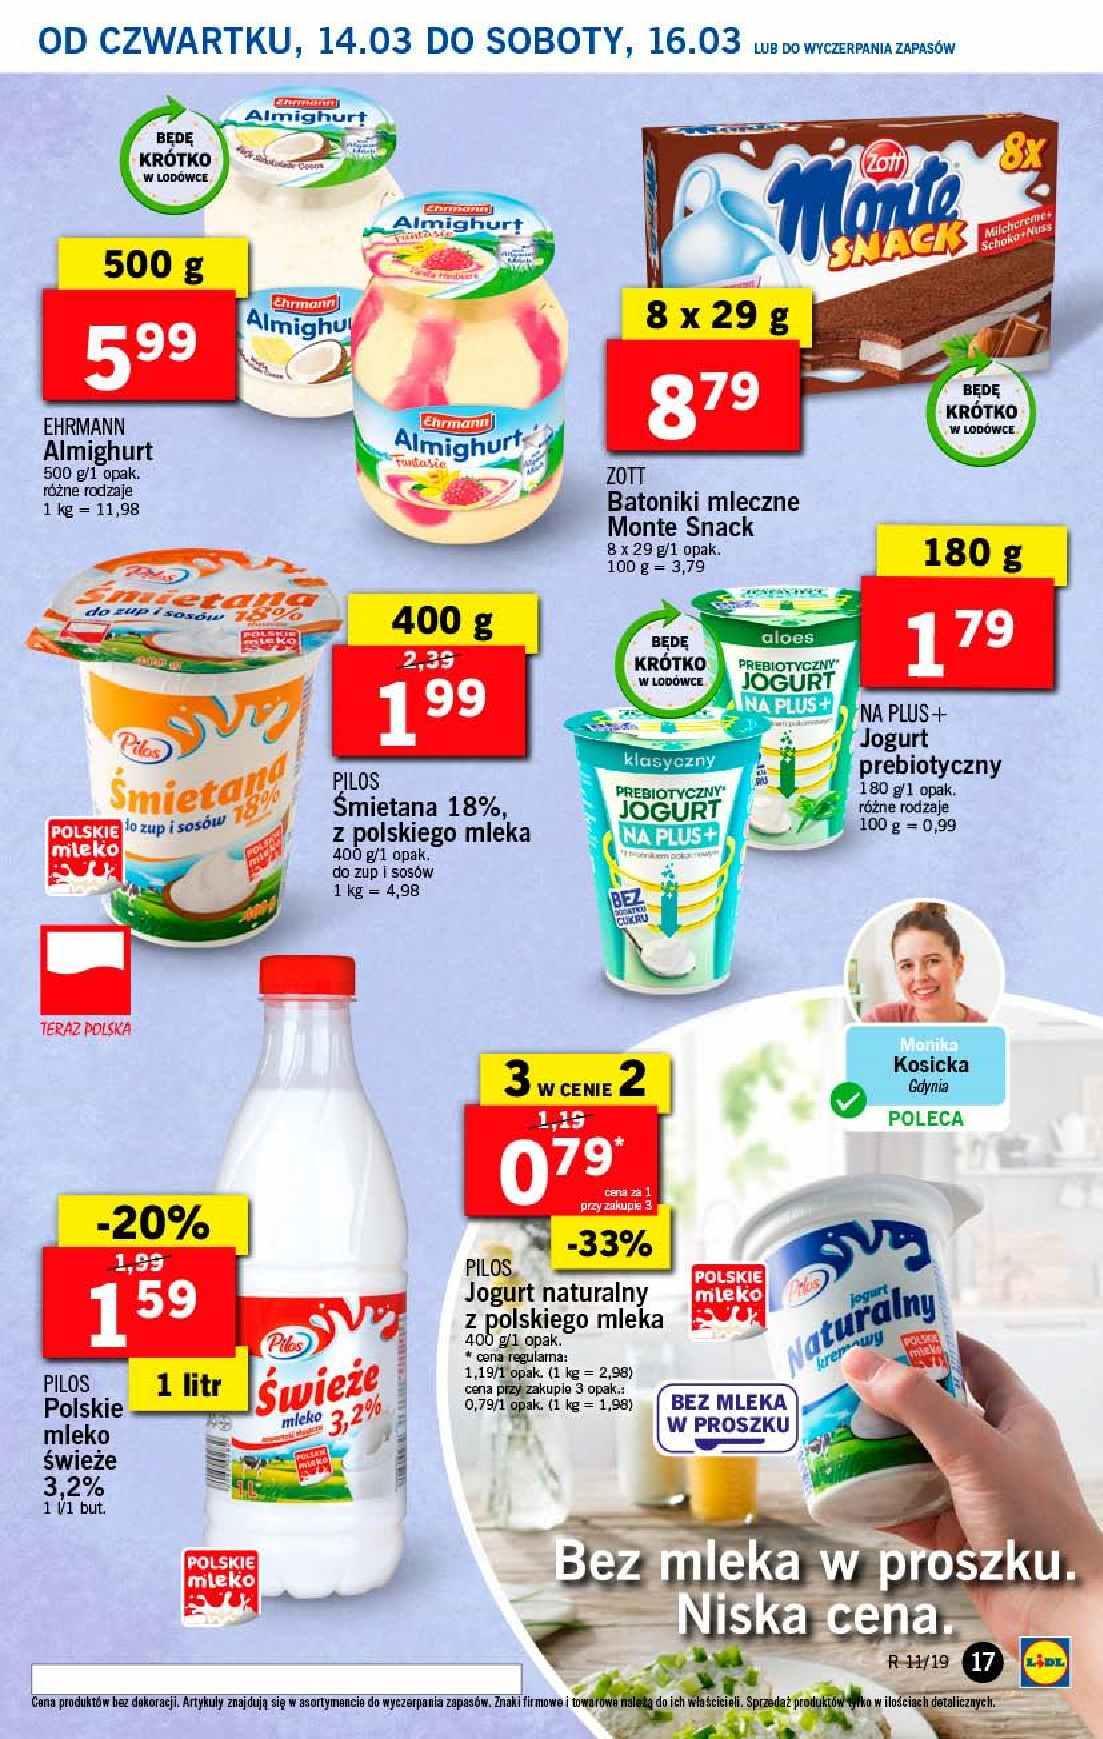 Gazetka promocyjna Lidl do 17/03/2019 str.17